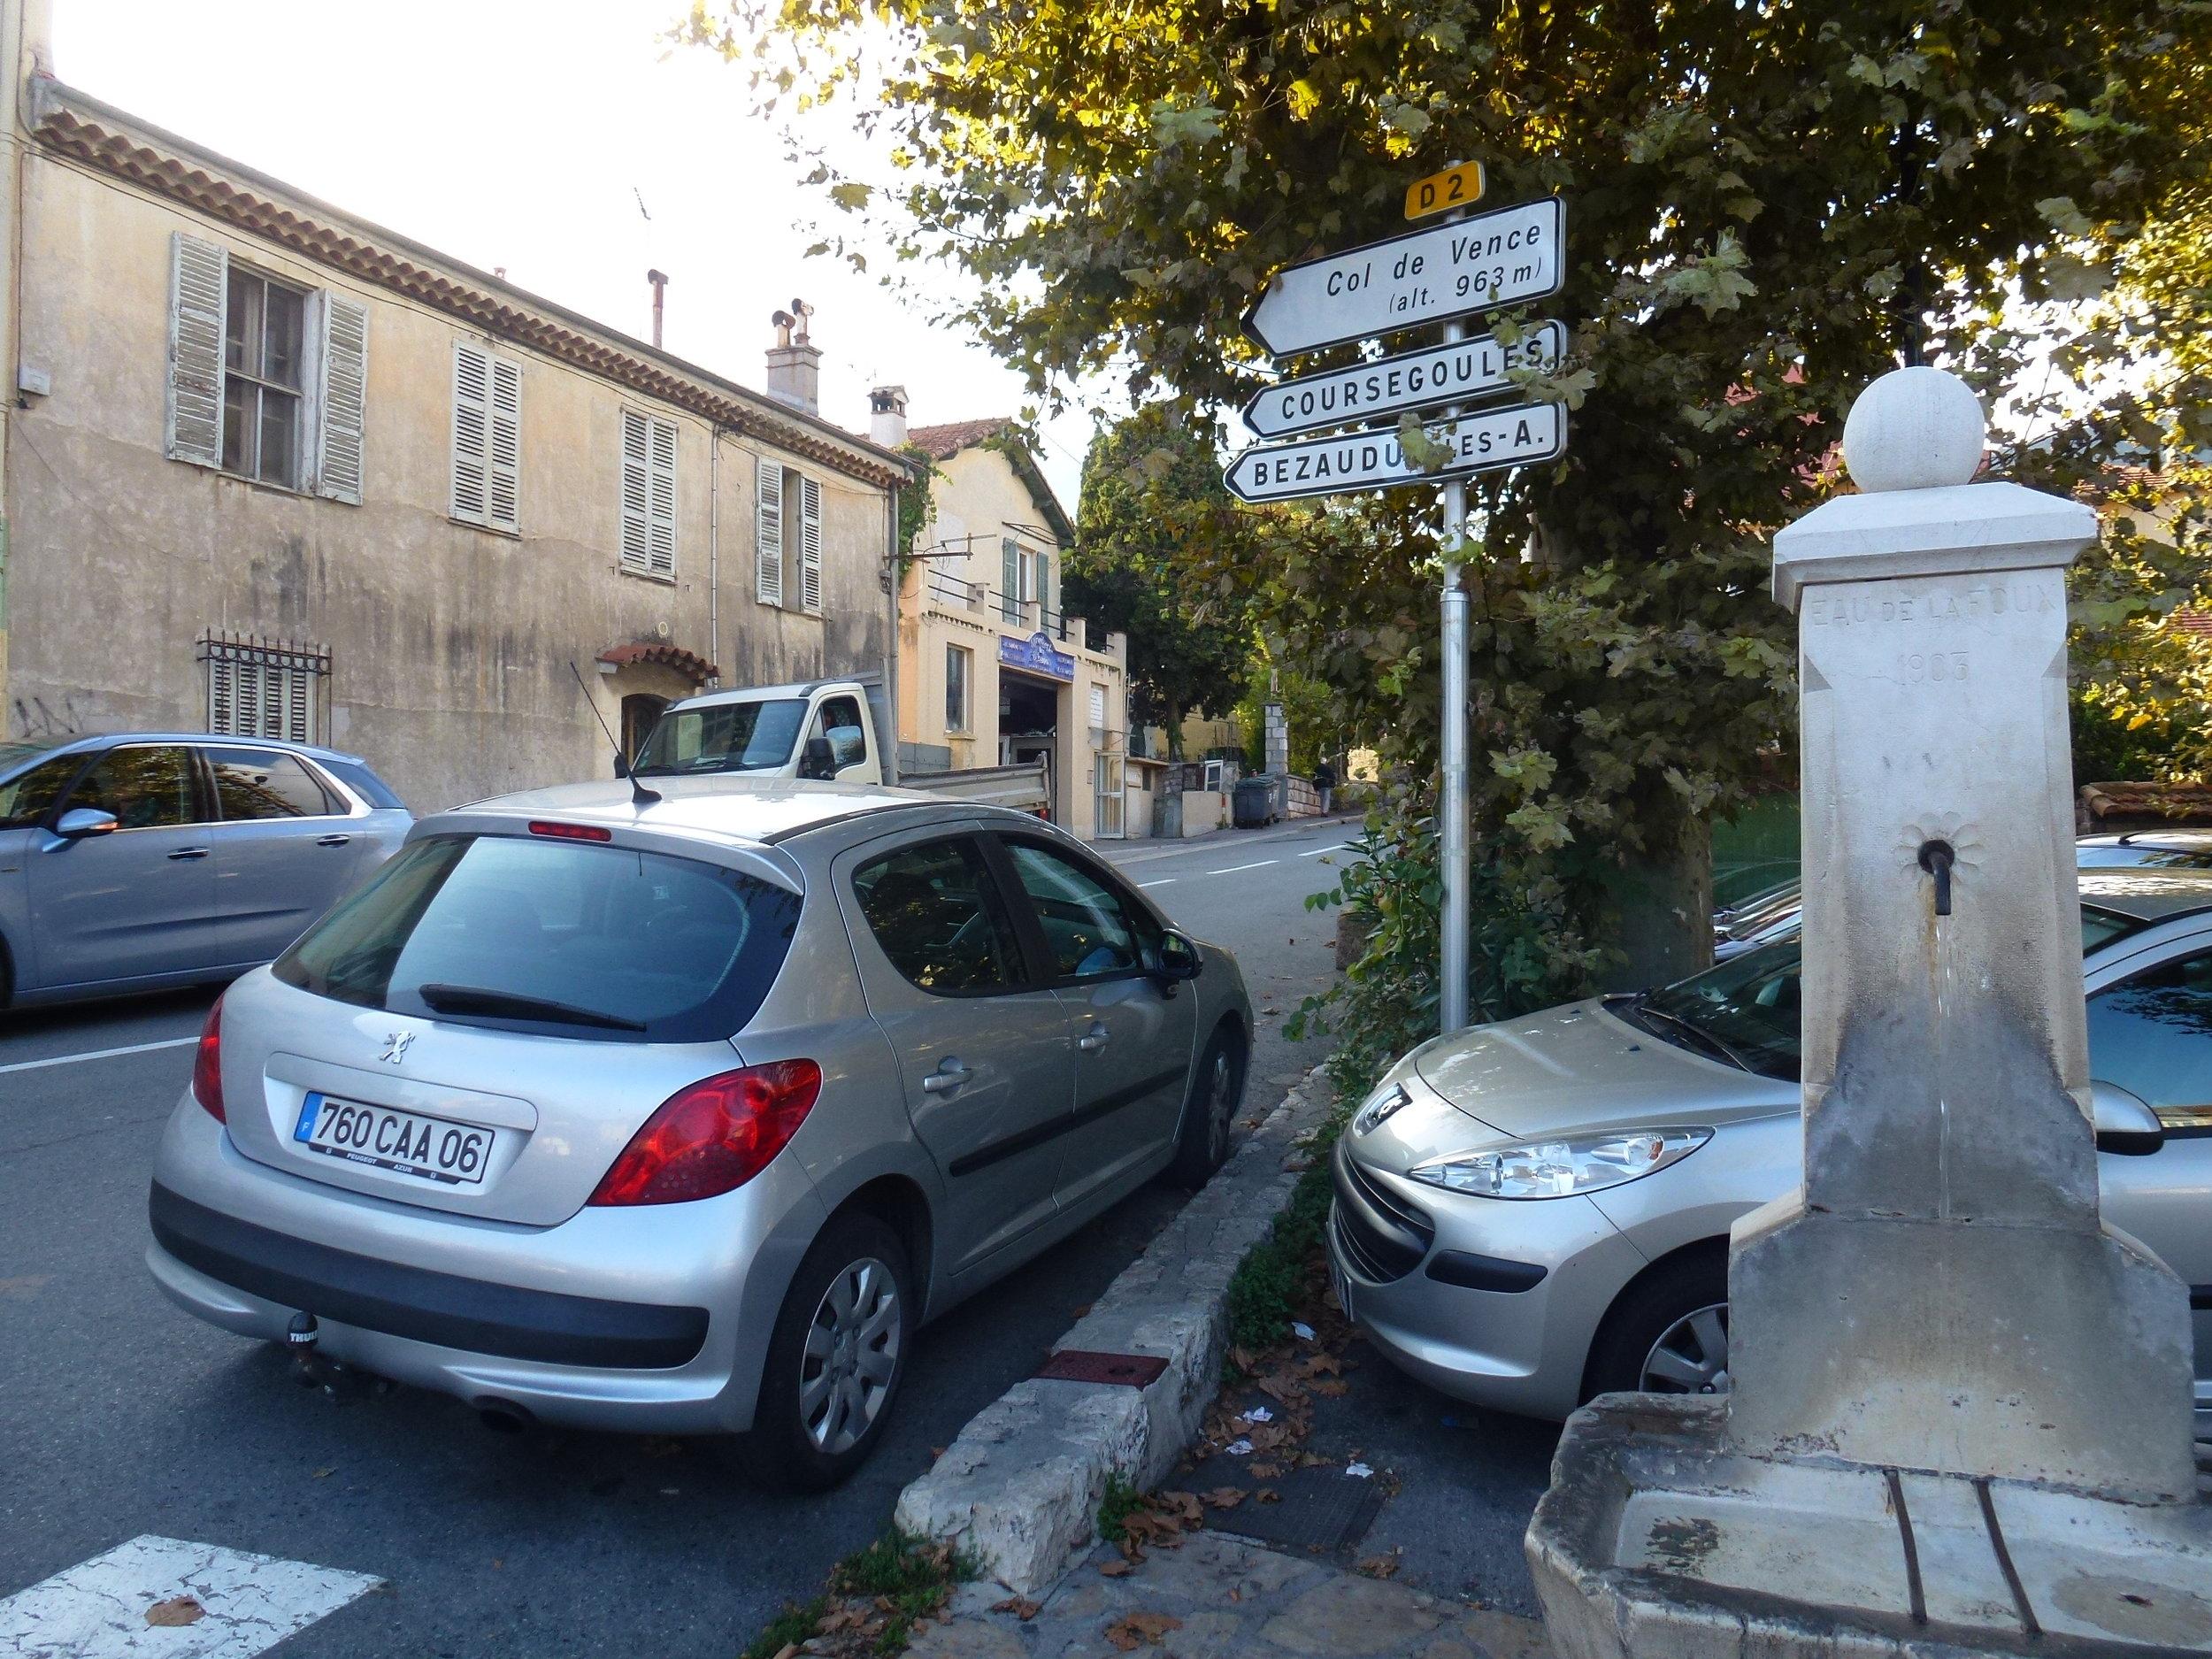 6) en face, droit devant, à la fontaine, prendre la D2 et Coursegoules - Straight ahead, at the fountain, take the D2, follow direction